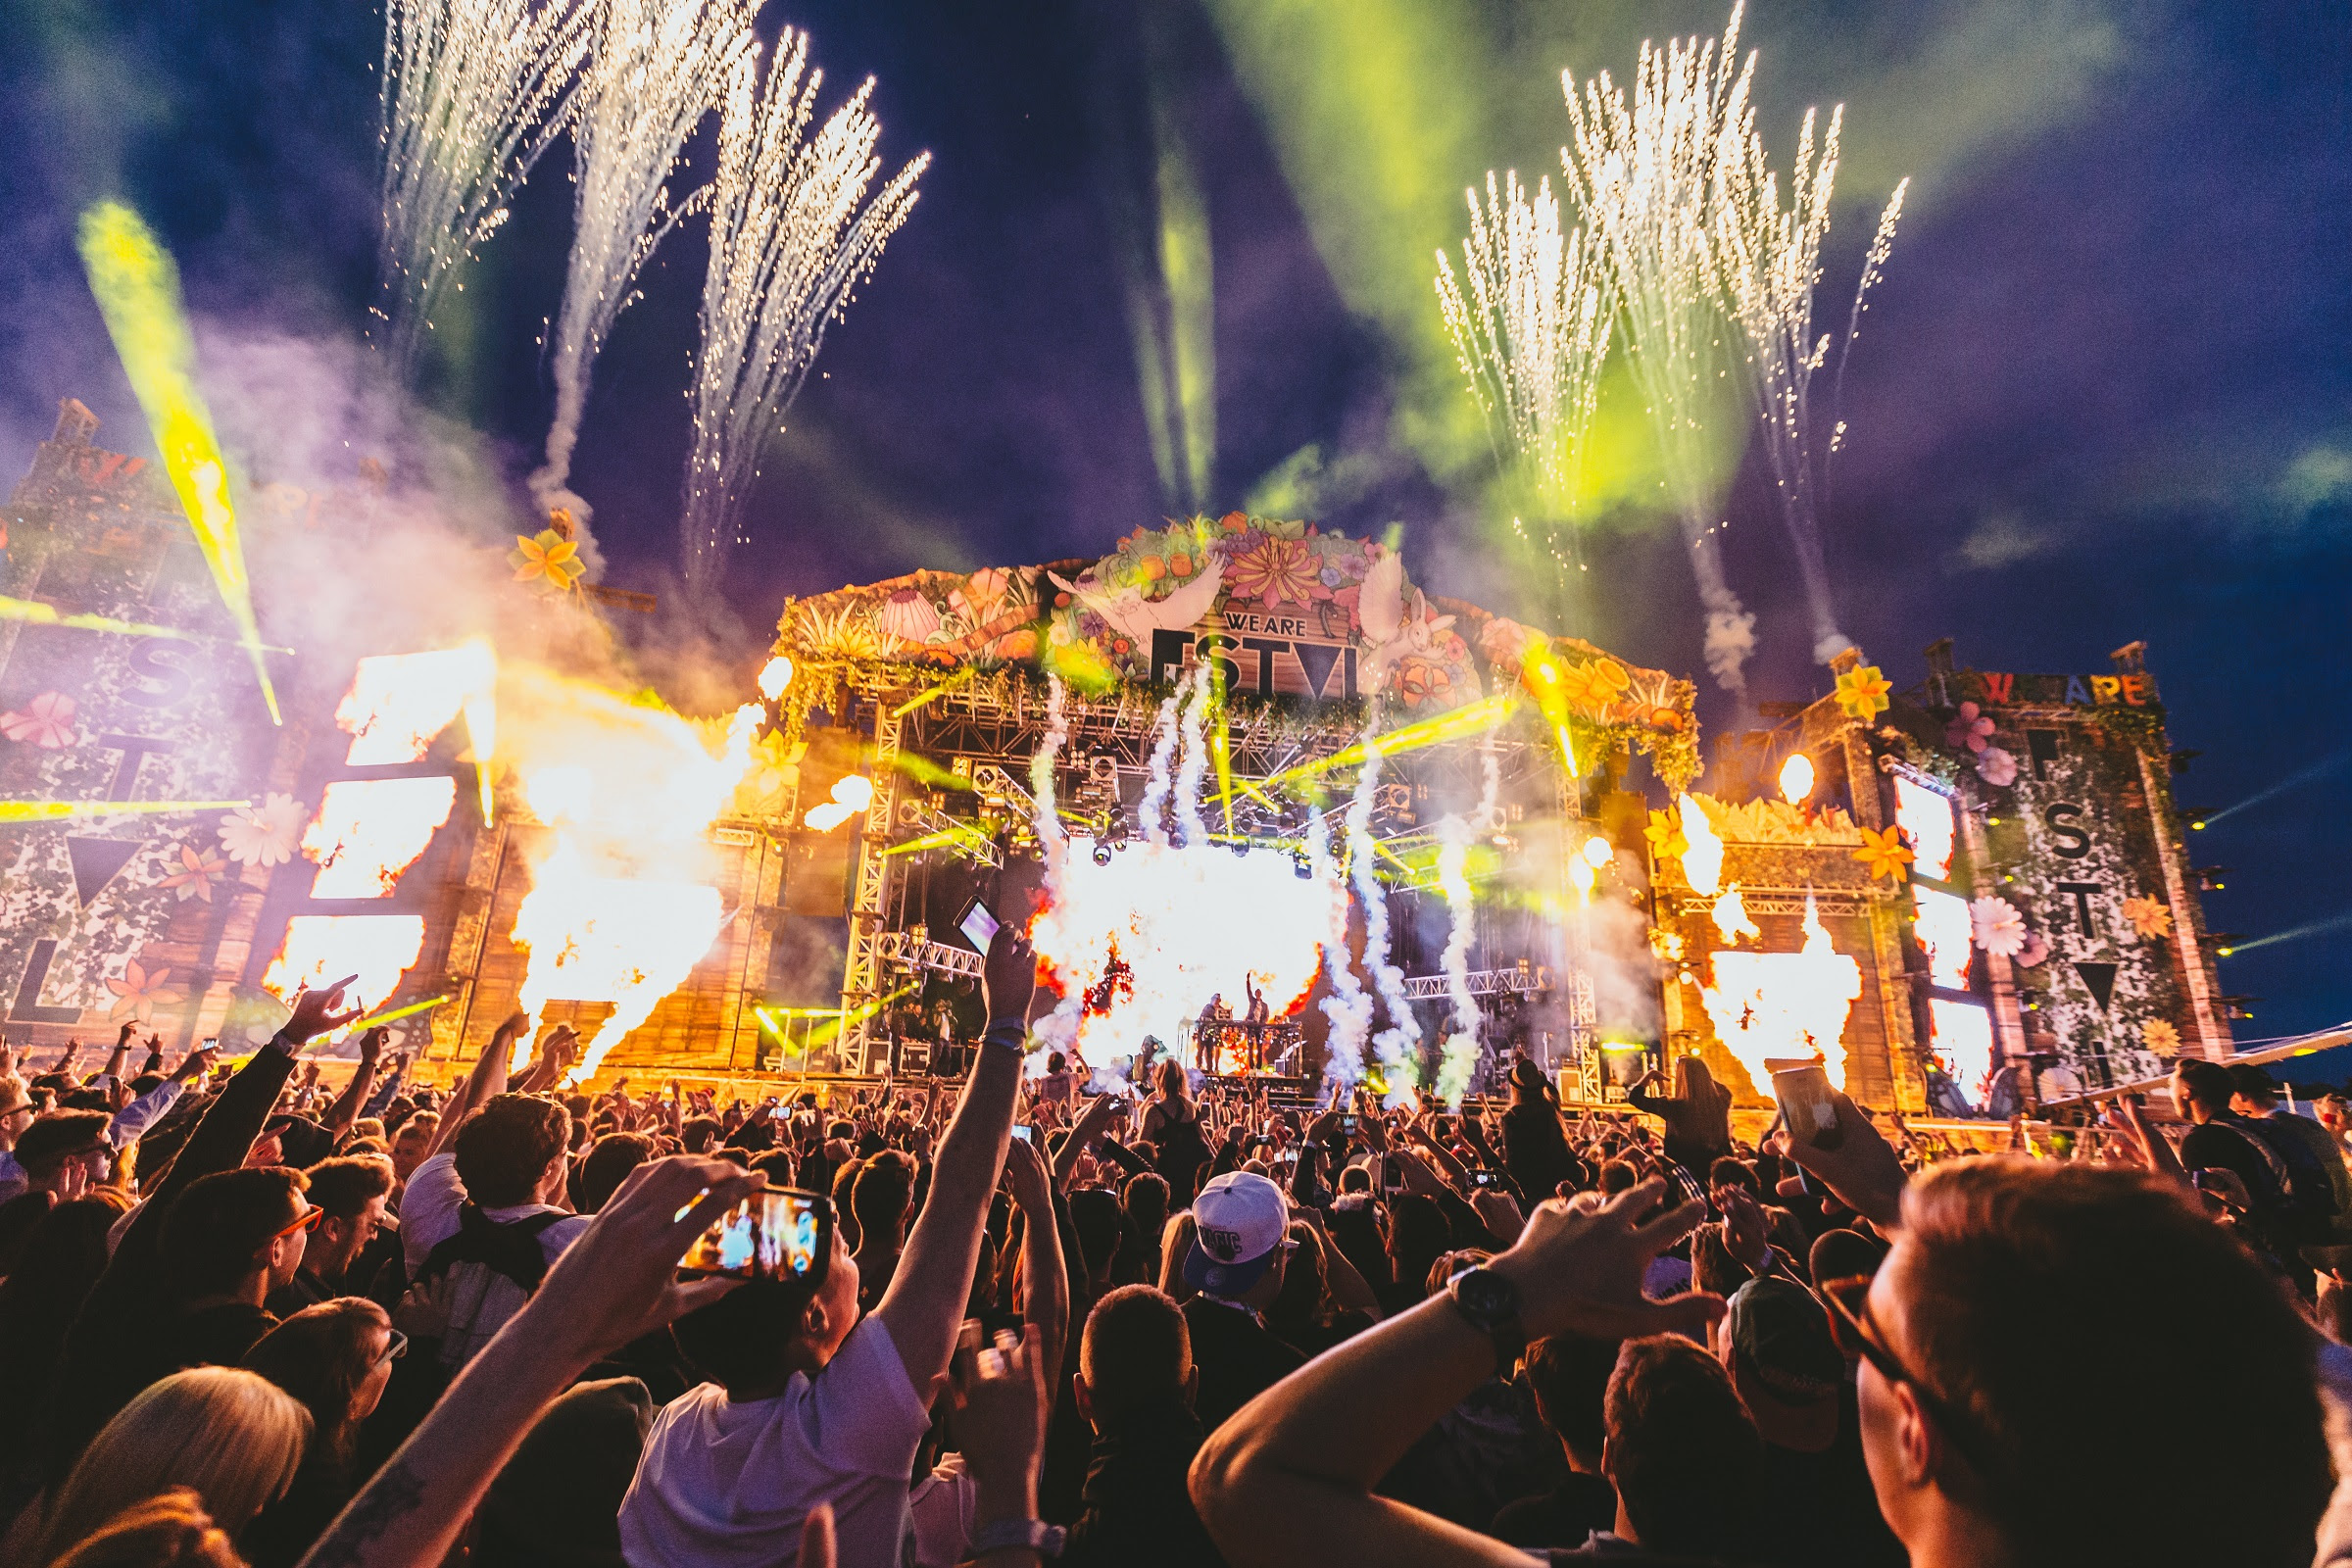 foto van podium met band en publiek ervoor in de nacht